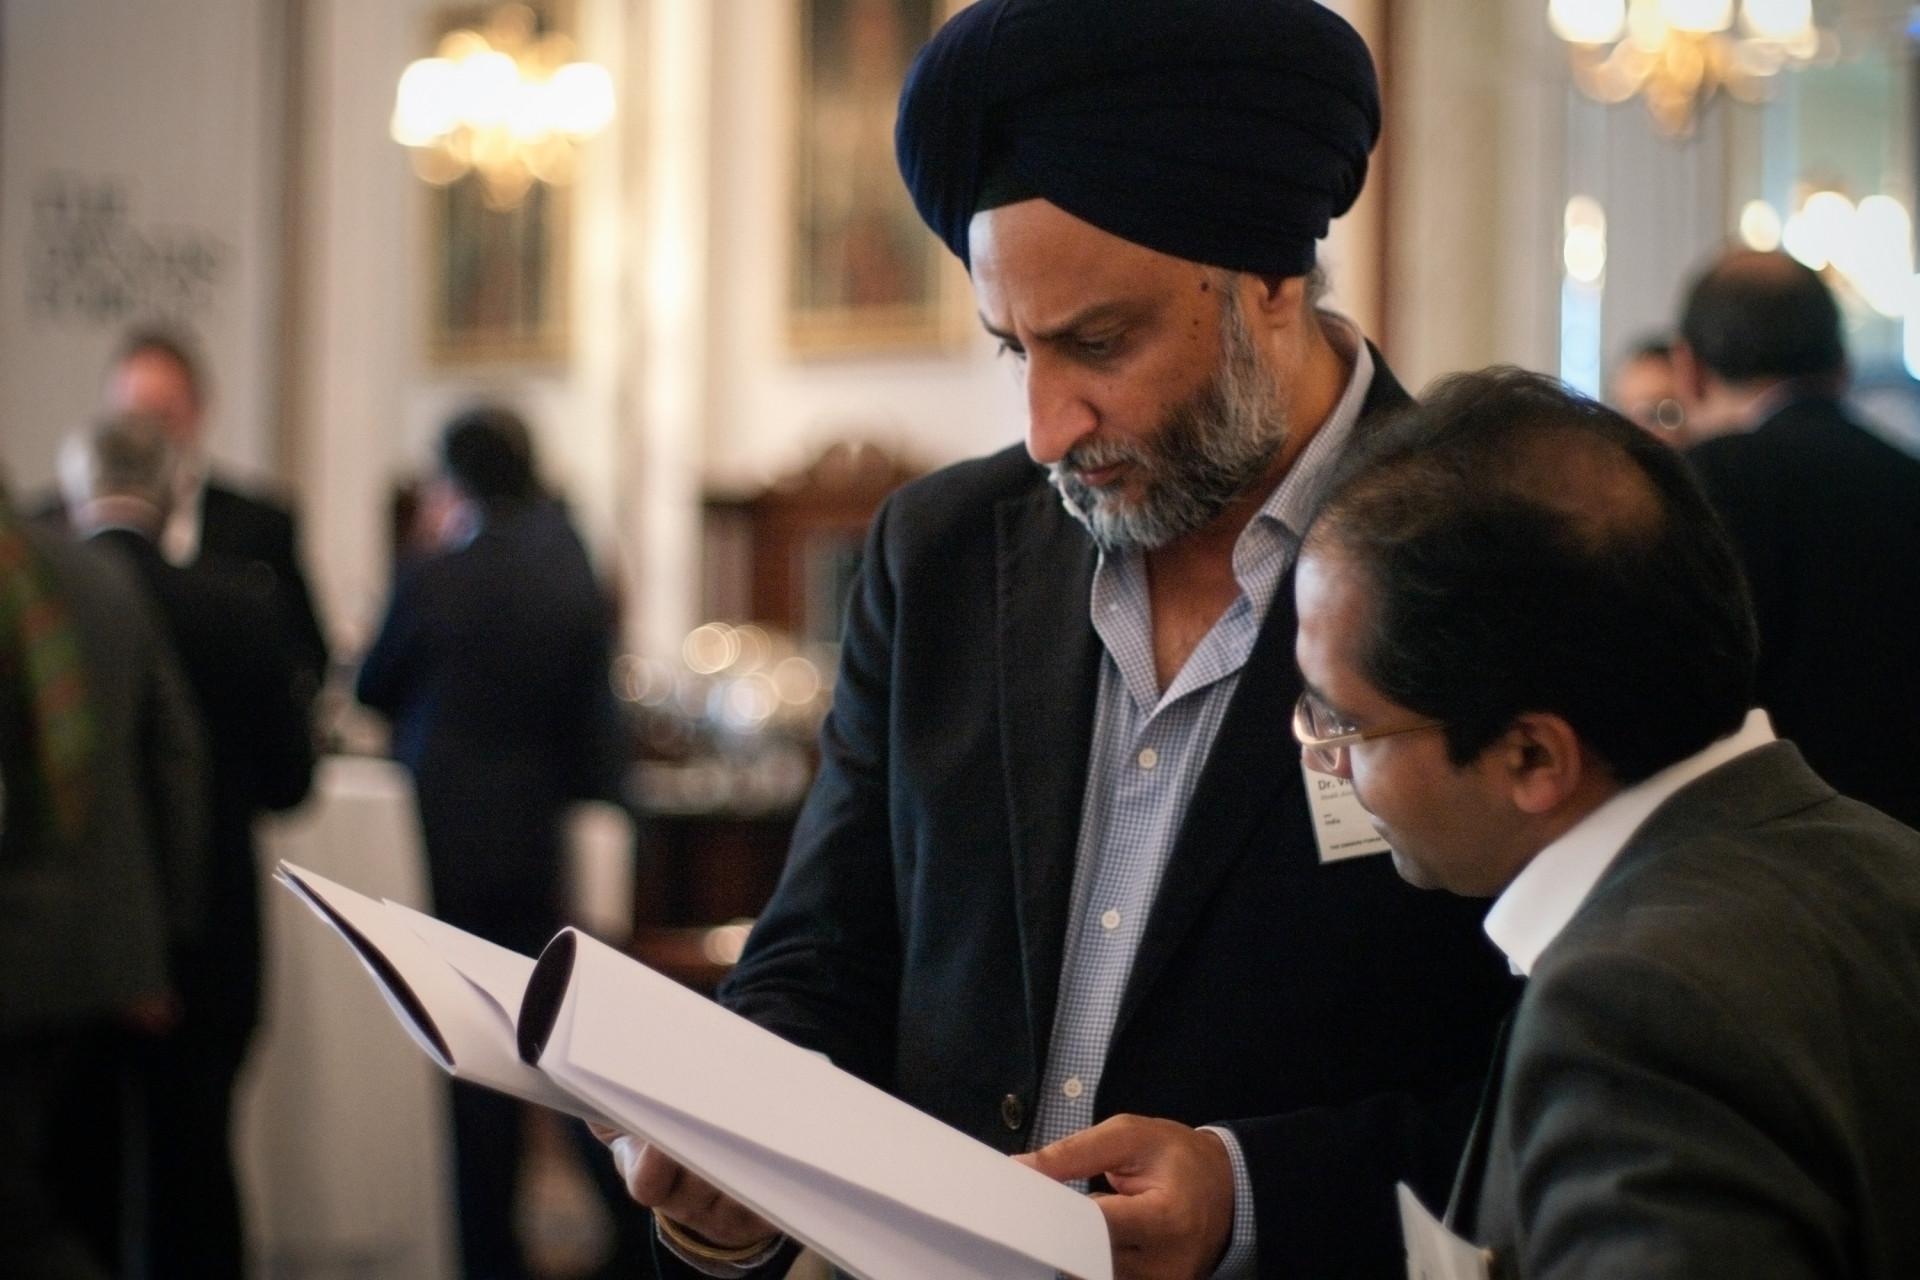 Conference_India_Turban_IGP8509_Carolin-Weinkopf